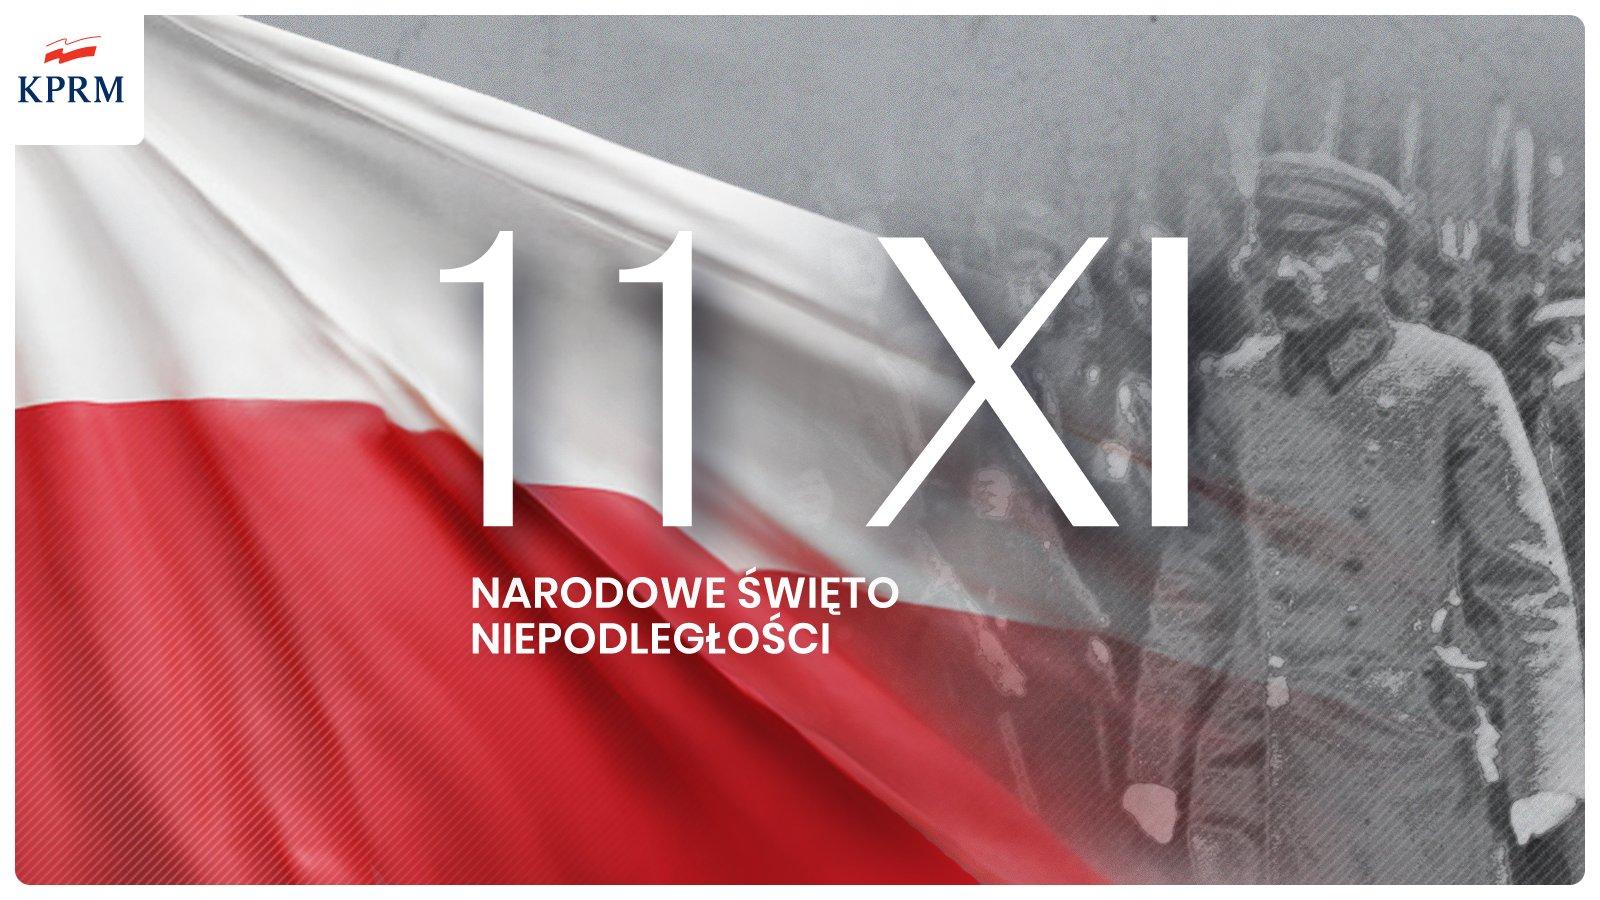 11 listopada 1918 roku odzyskaliśmy Niepodległość. Po 123 latach zaborów Polska, wróciła nie tylko na mapy Europy. Ponad 100 lat temu uzyskaliśmy dużo więcej - możliwość utworzenia własnej armii, dostęp do morza i swobodę posługiwania się językiem ojczystym. W tym wyjątkowym dniu 102 rocznicy odzyskania przez Polskę Niepodległości na szczególną uwagę zasługują nasi przodkowie na czele z Marszałkiem Józefem Piłsudskim.